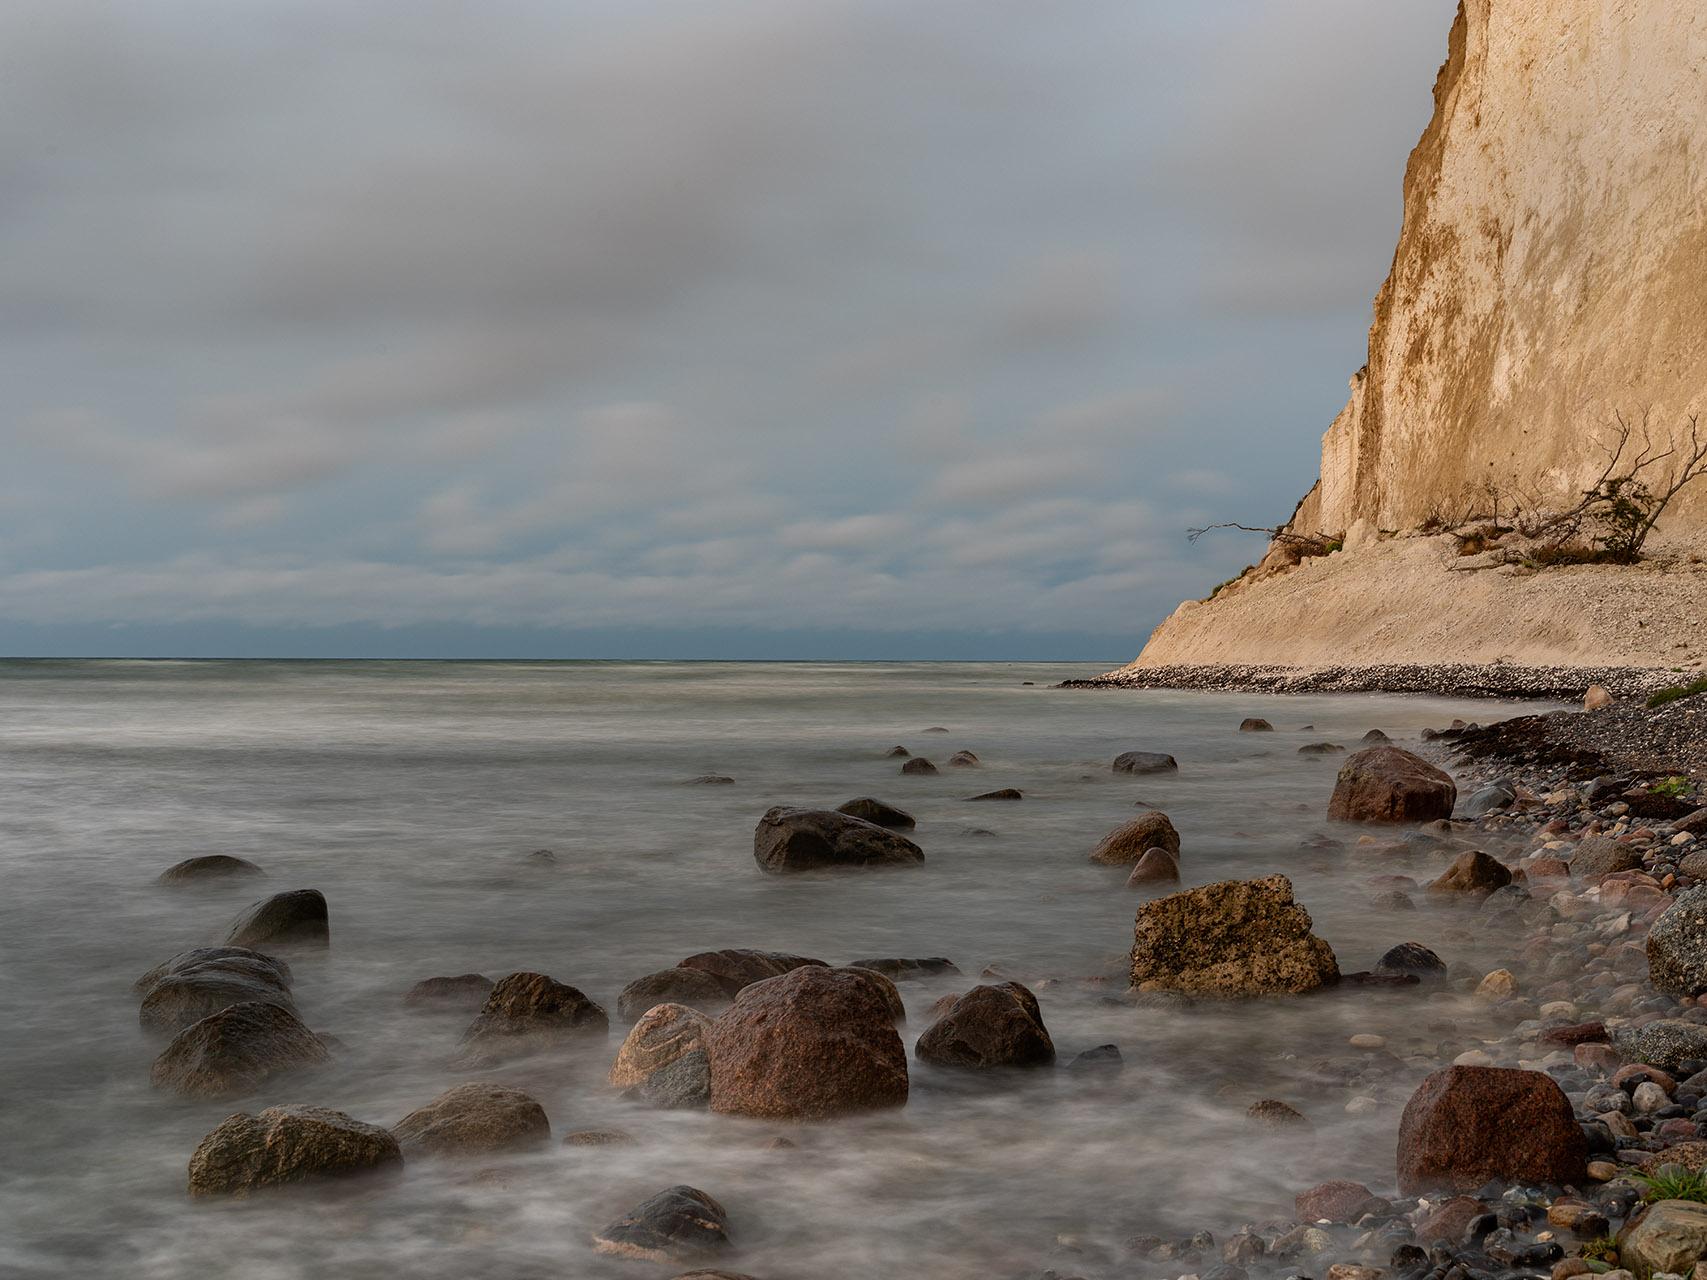 De kliffen van het Deense Møn rijzen omhoog vanuit de Oostzee